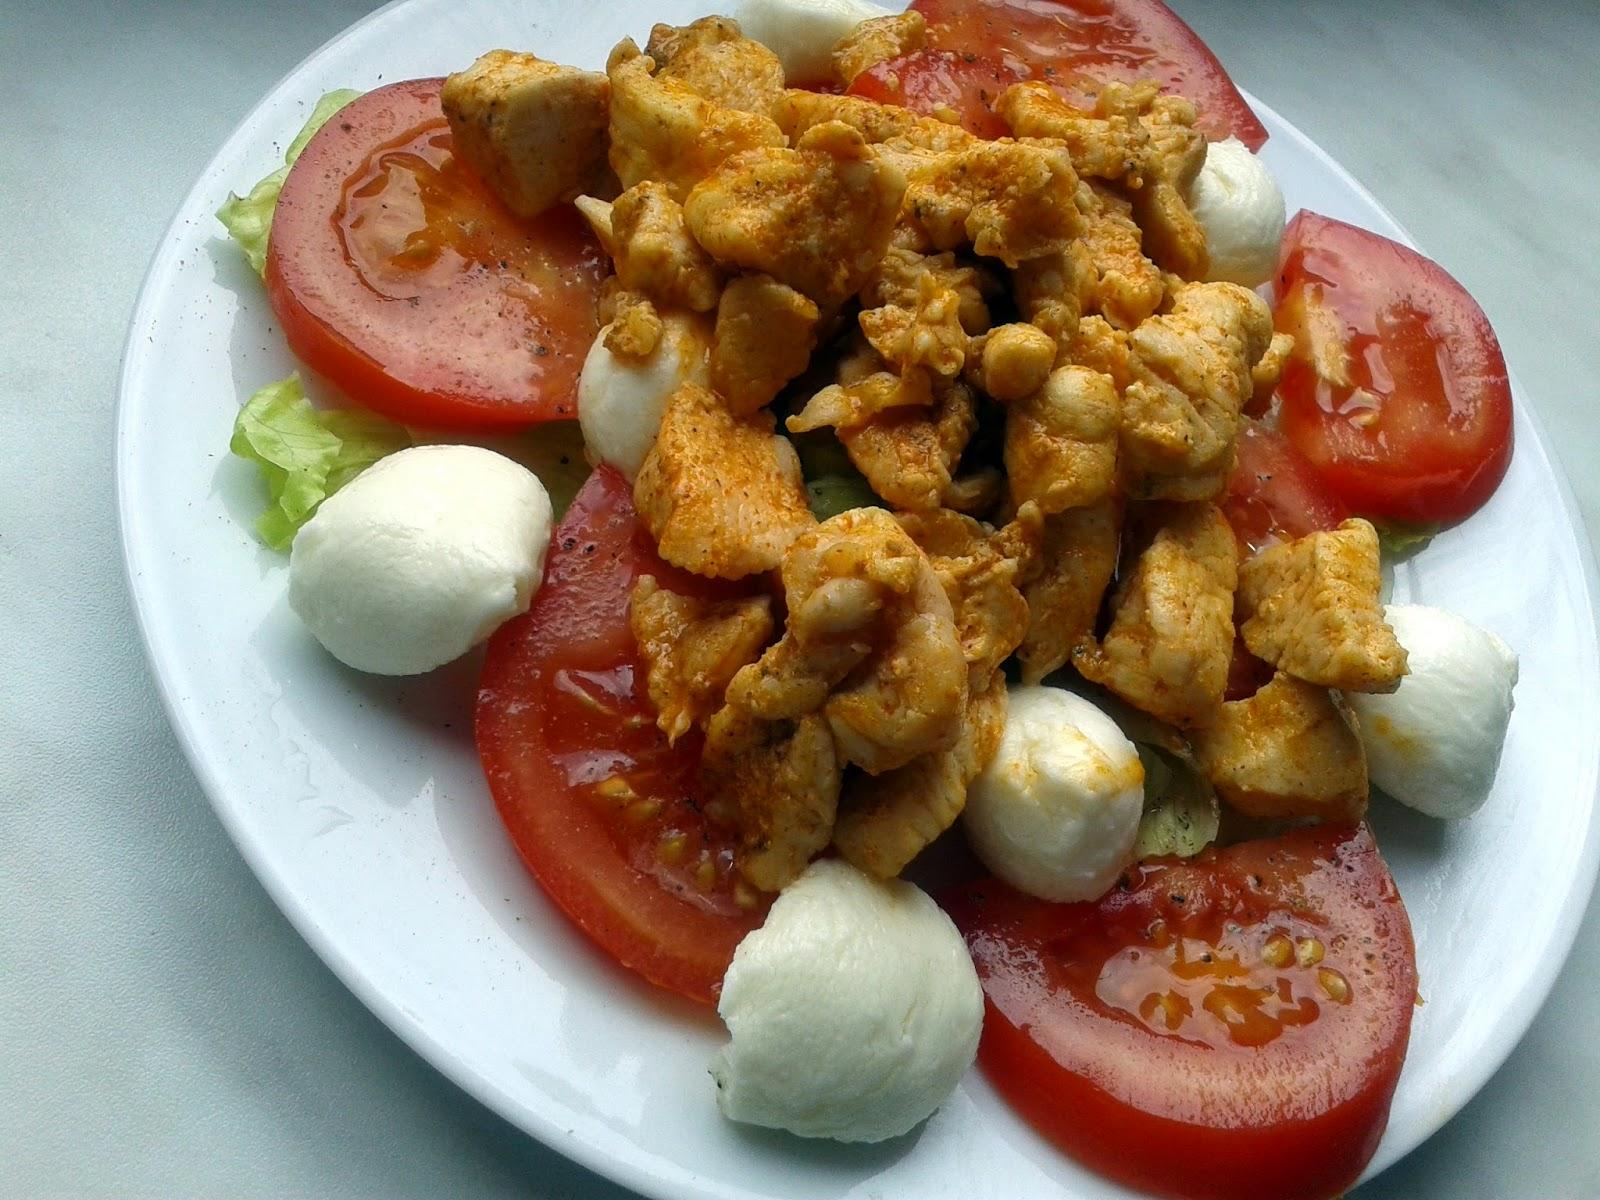 Pierś kurczaka w przyprawach, sałatka(sałata lodowa,mozarella, pomidor)